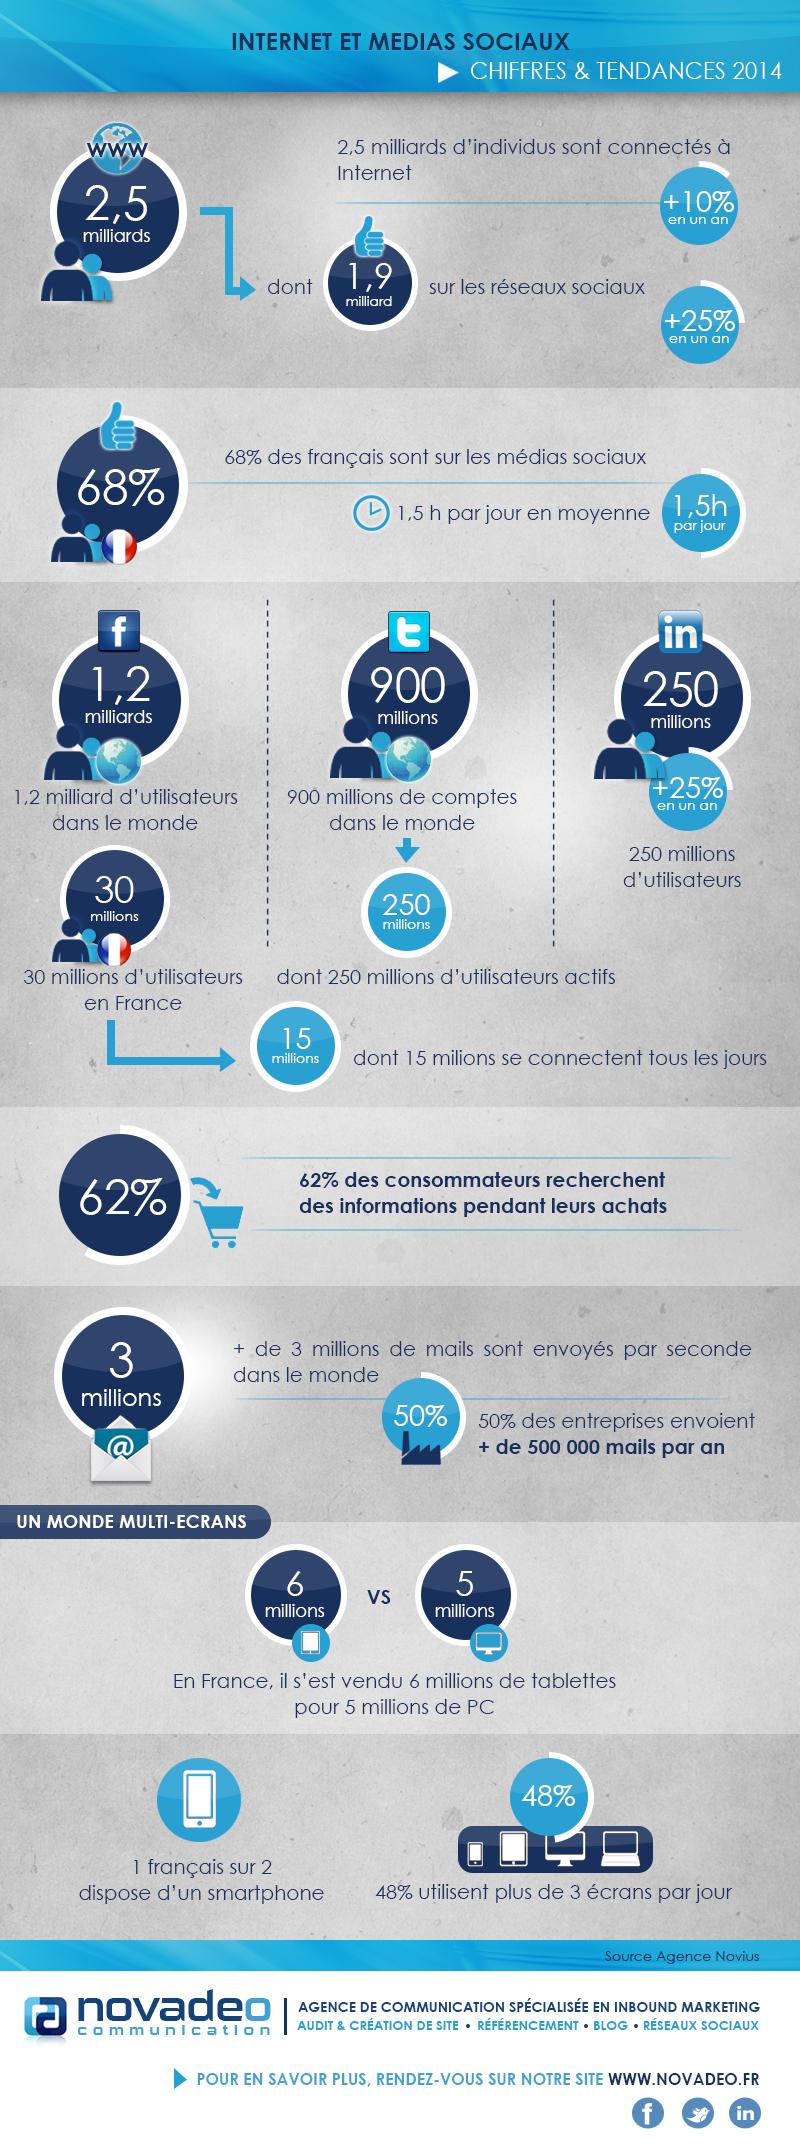 Chiffres et tendances 2014 de l'internet et des médias sociaux